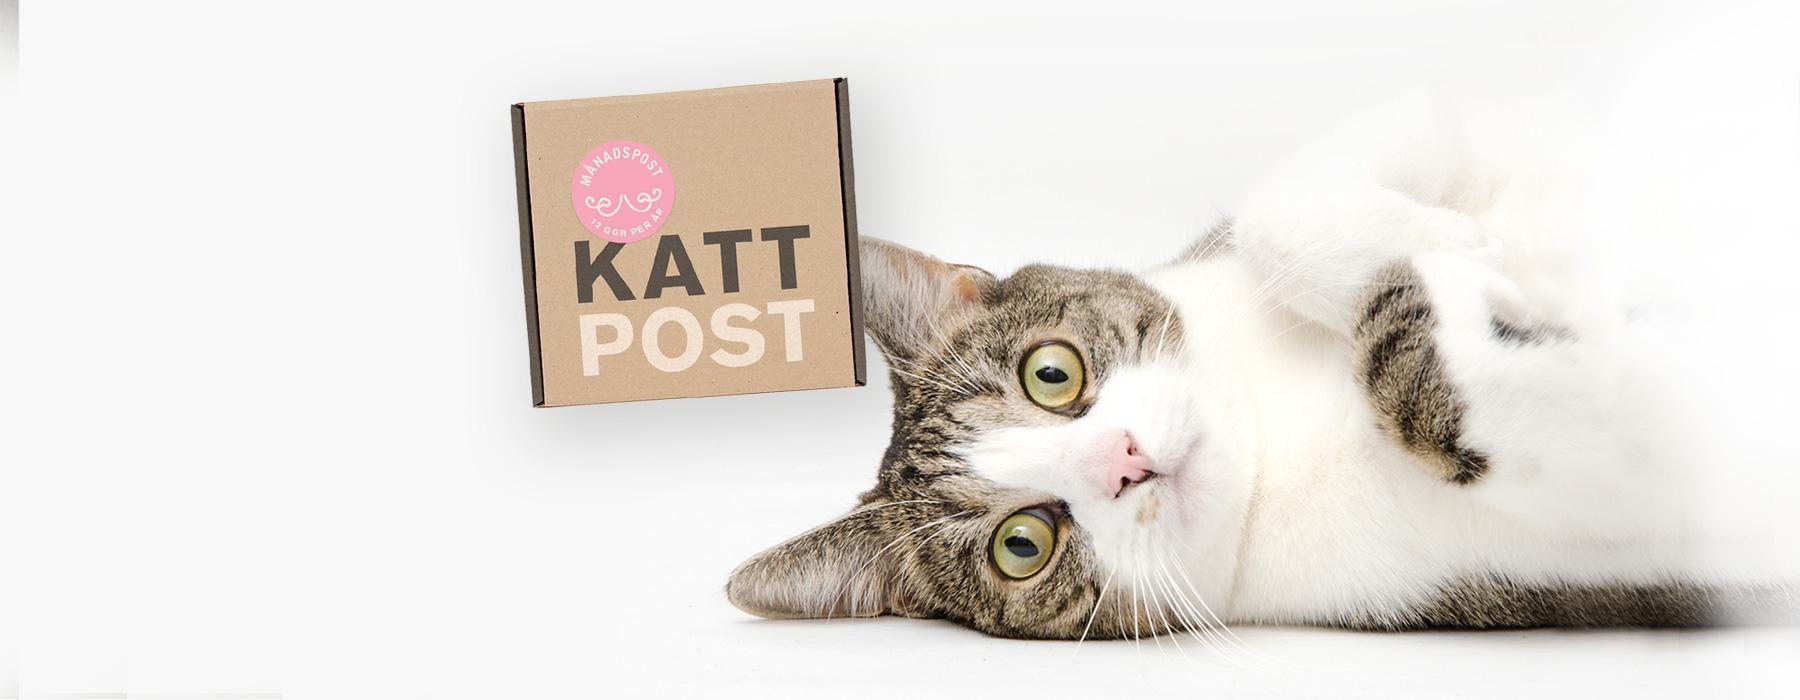 Kattpost